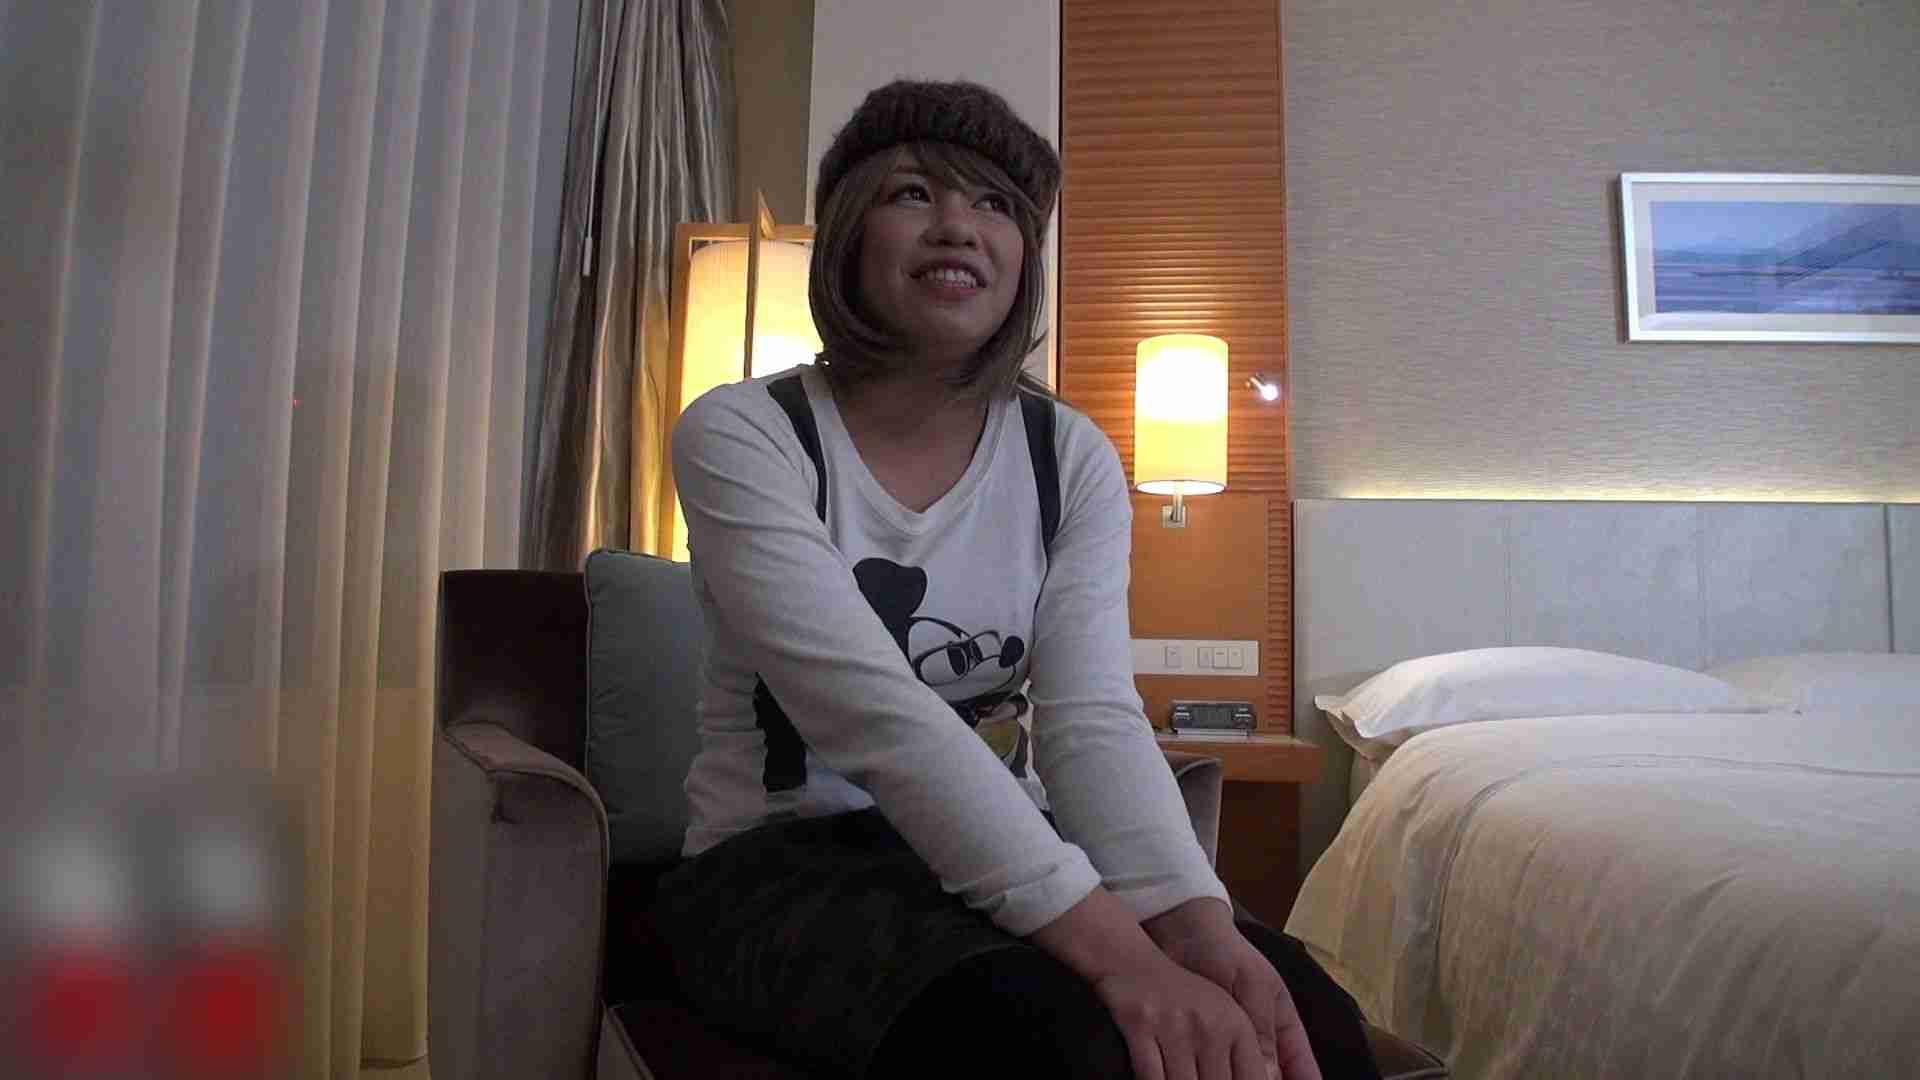 S級厳選美女ビッチガールVol.42 前編 モデル エロ無料画像 104pic 4